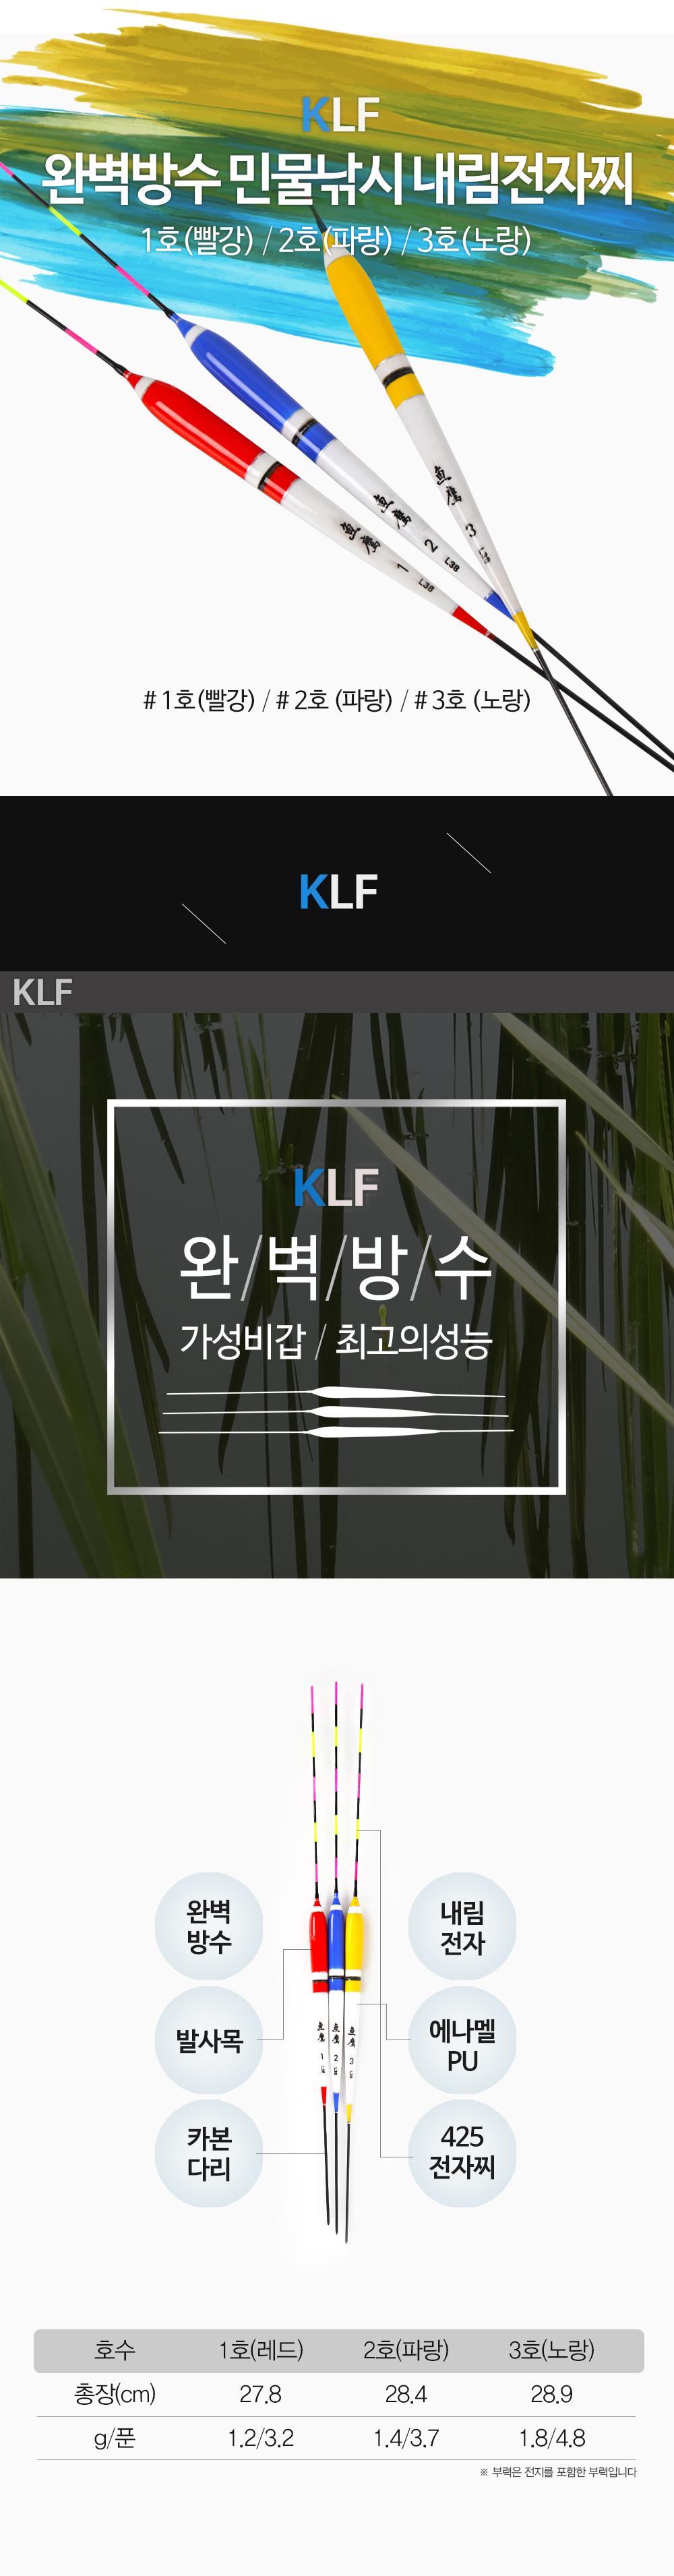 KLF 완벽방수 민물낚시 내림전자찌 중층전자찌 중층내림전자찌 내림전자찌 민물전자찌 전자찌